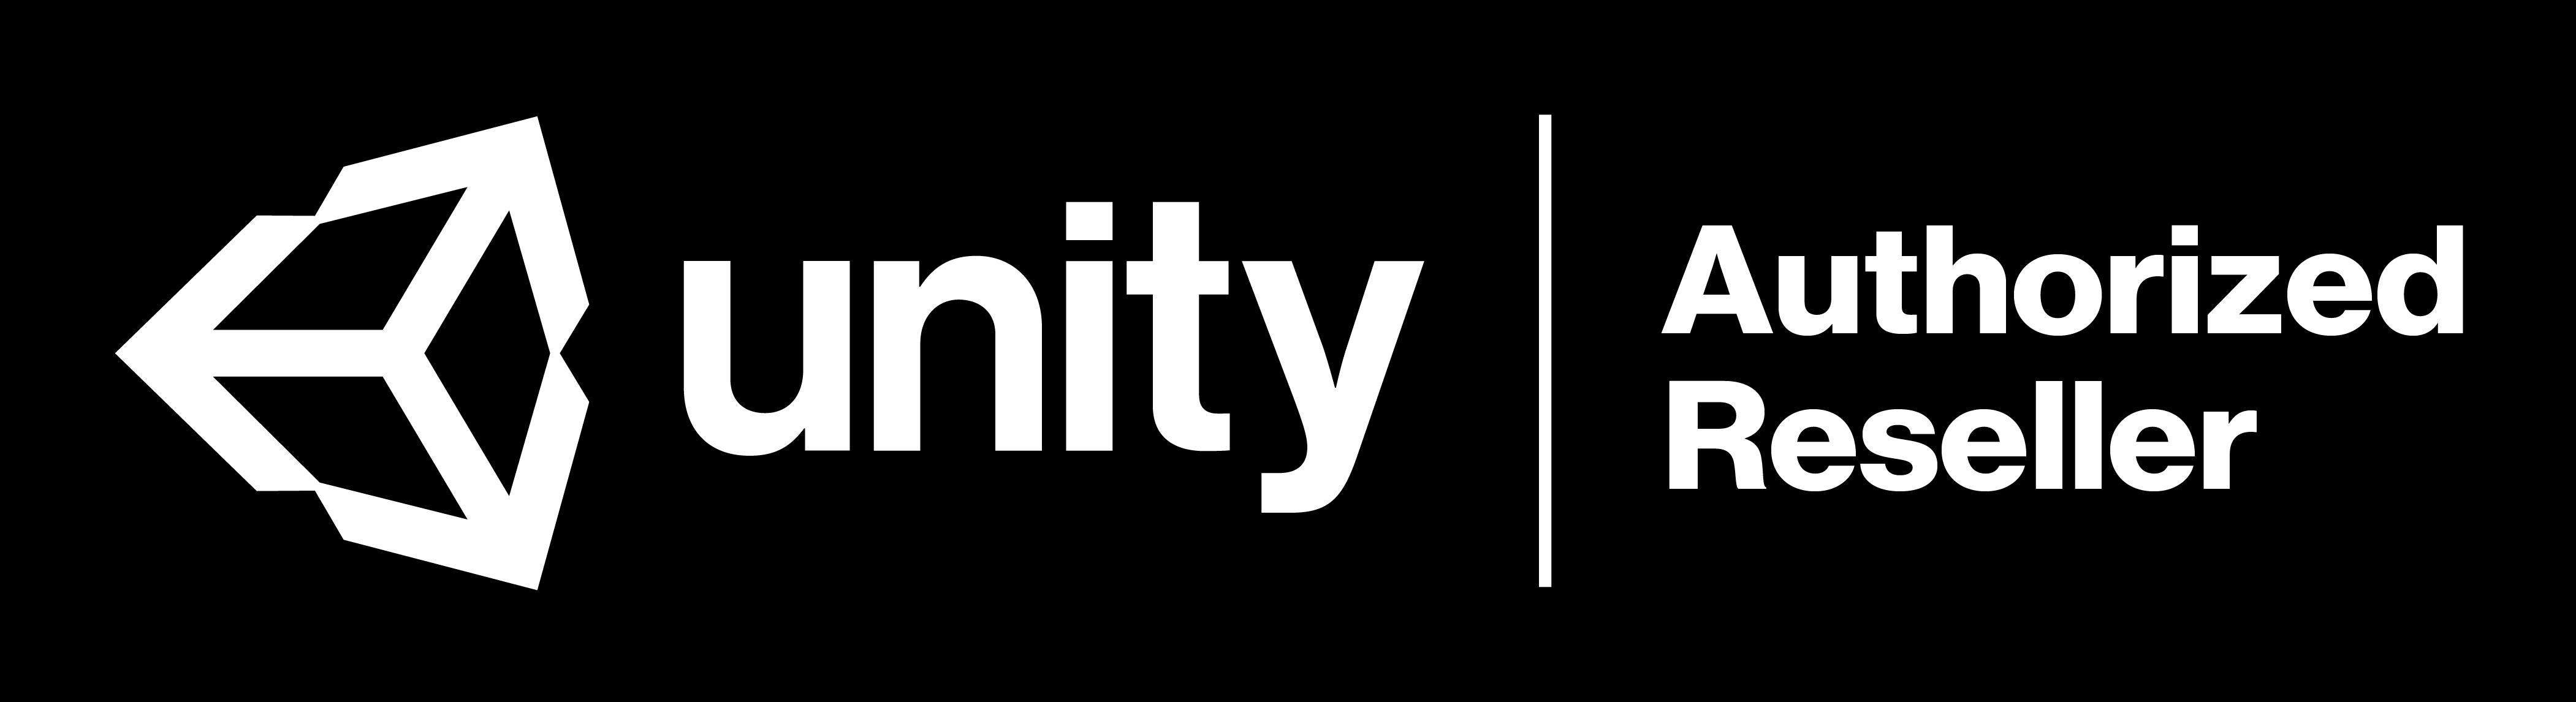 autoryzowany reseller sprzedawca unity